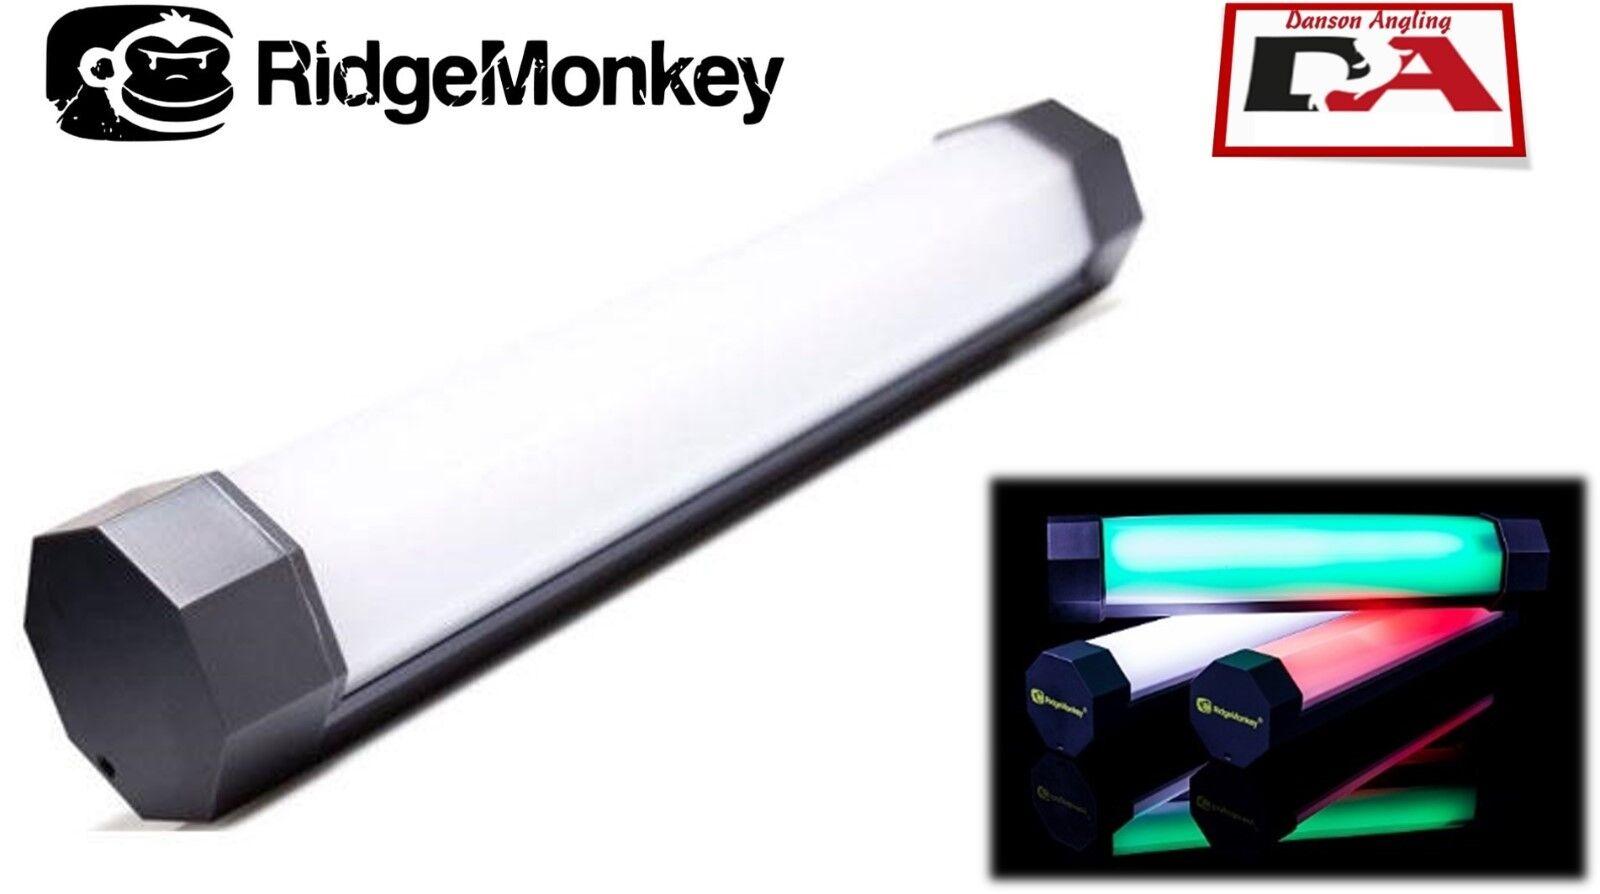 Ridge Monkey Bivvy Lite Plus vit röd grönNew 2018